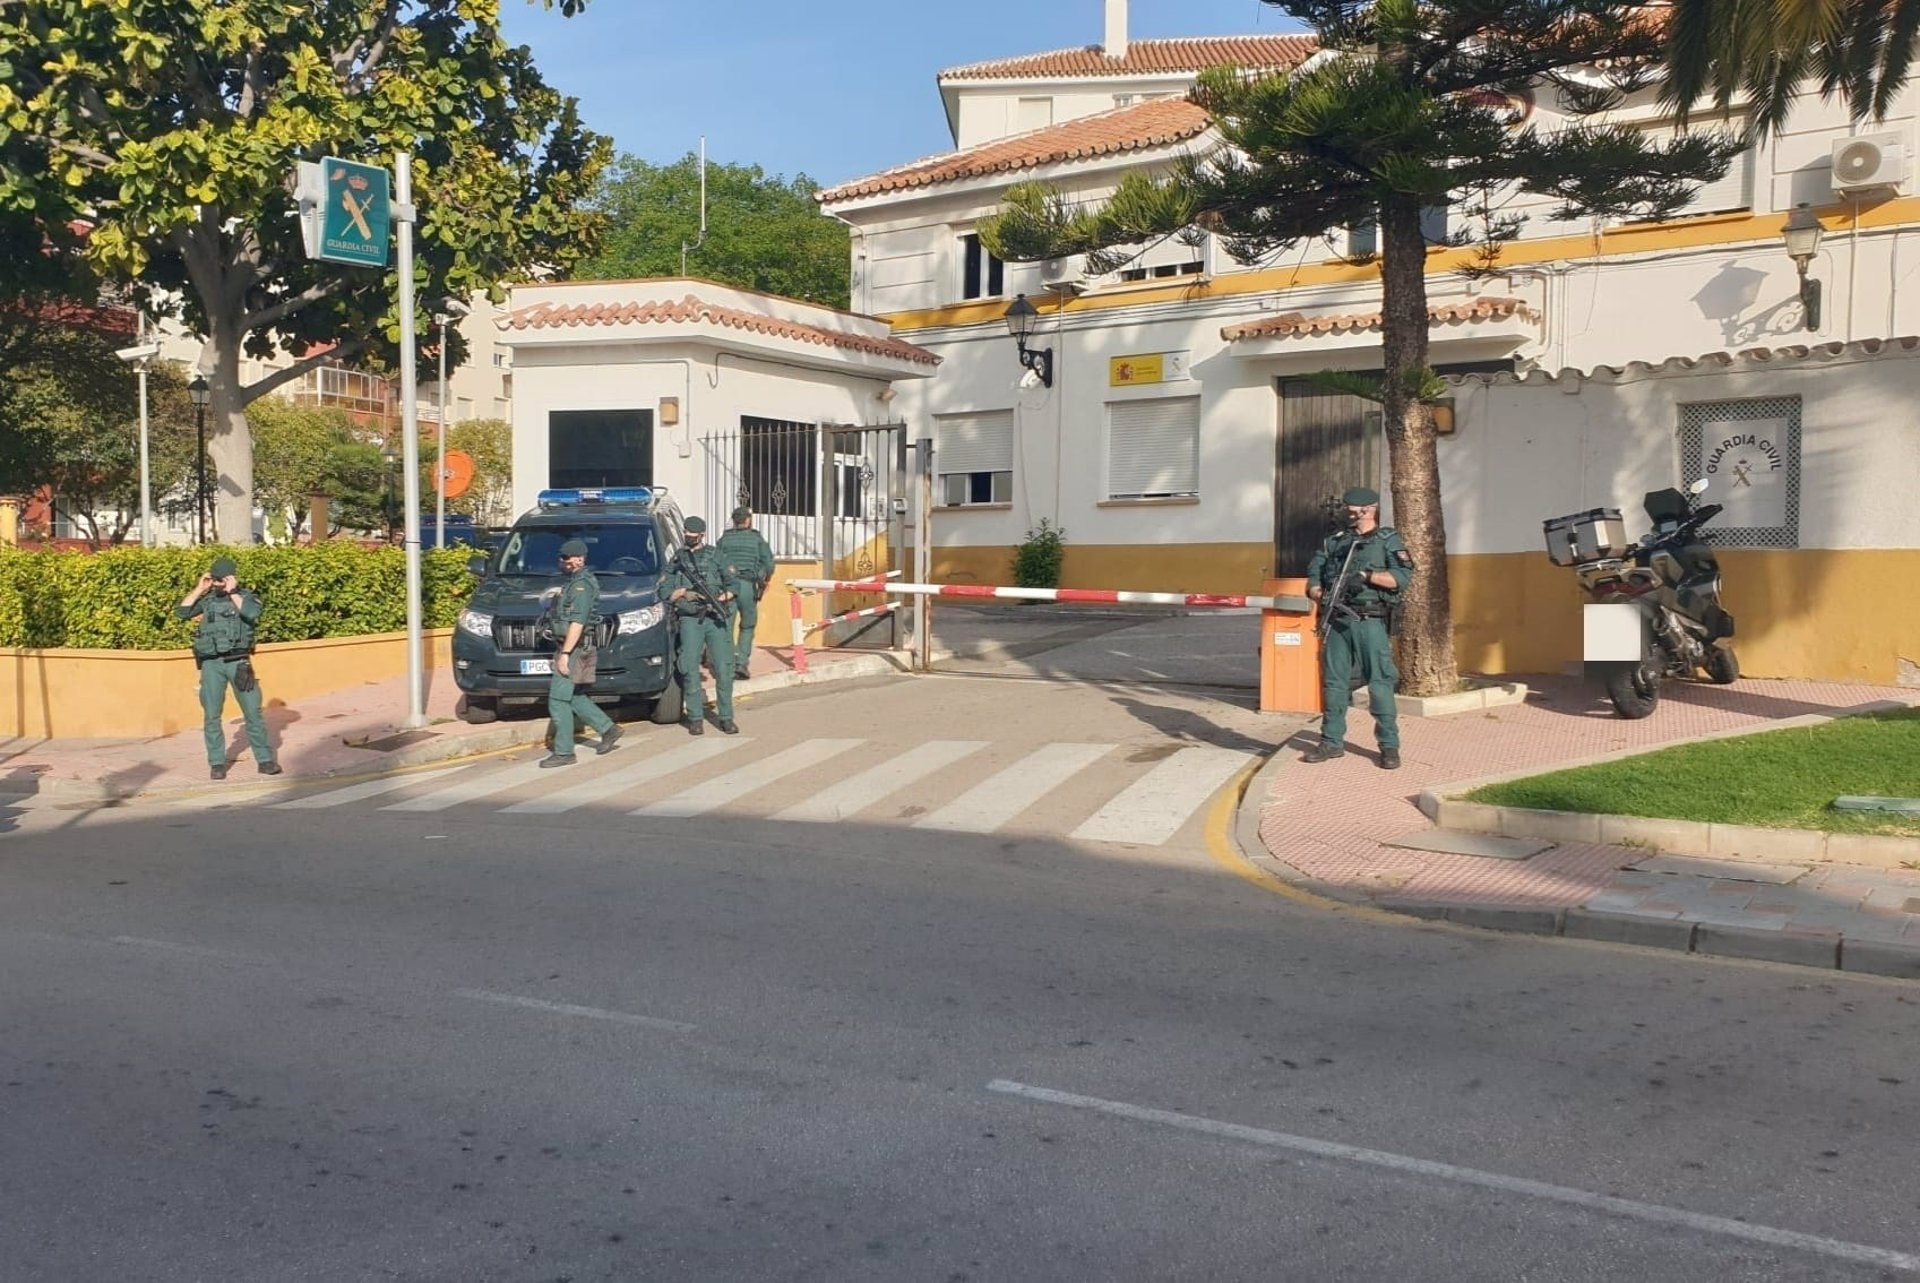 Diez detenidos en una operación contra el tráfico de hachís en las provincias de Málaga, Cádiz y Granada